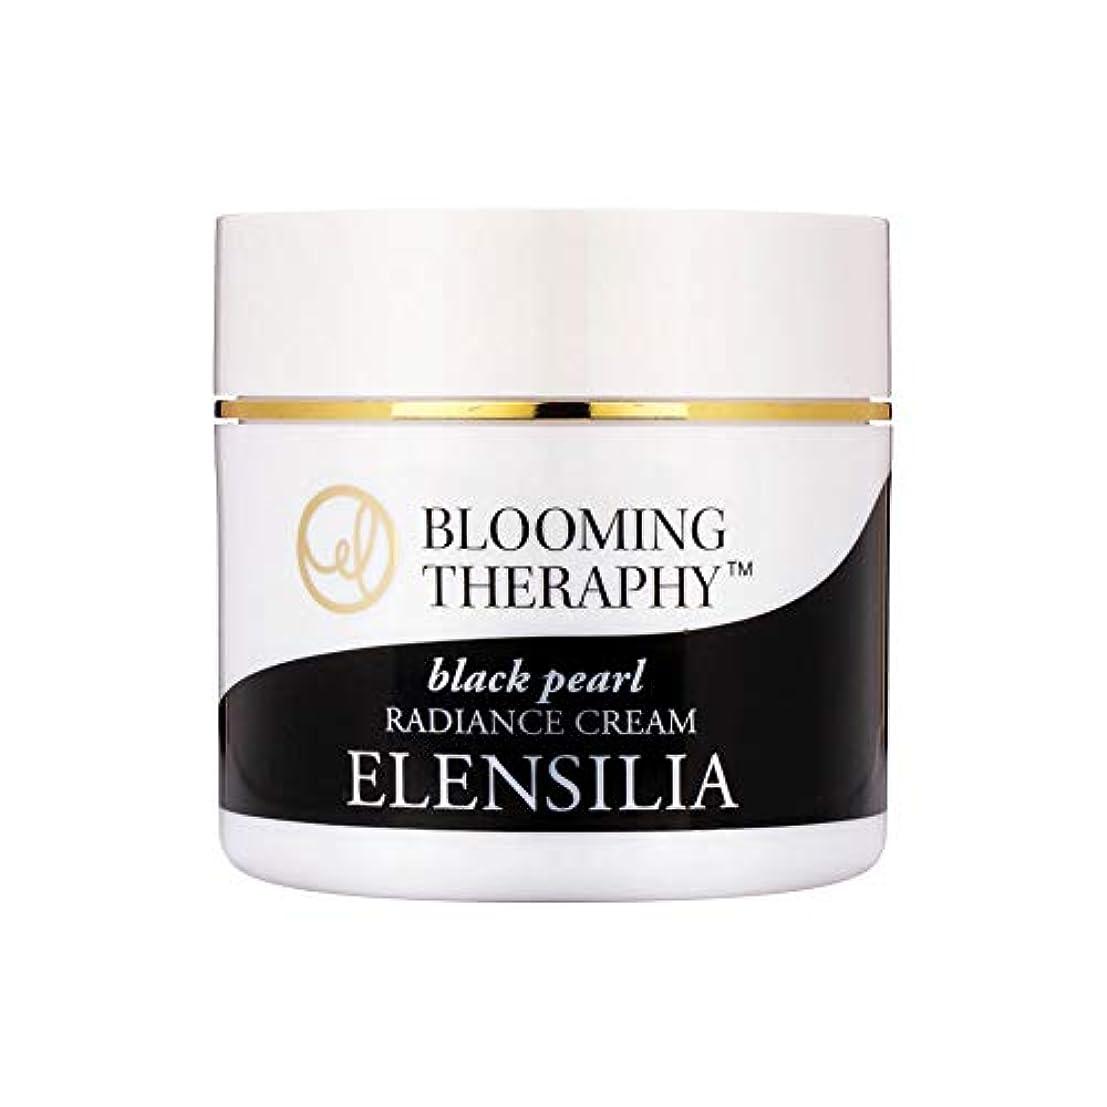 めんどり気楽なバラエティエルレンシルラElensilia 韓国コスメ ブルーミングセラピー黒真珠ラディアンスクリーム50g 海外直送品 Blooming Theraphy Black Pearl Radiance Cream [並行輸入品]